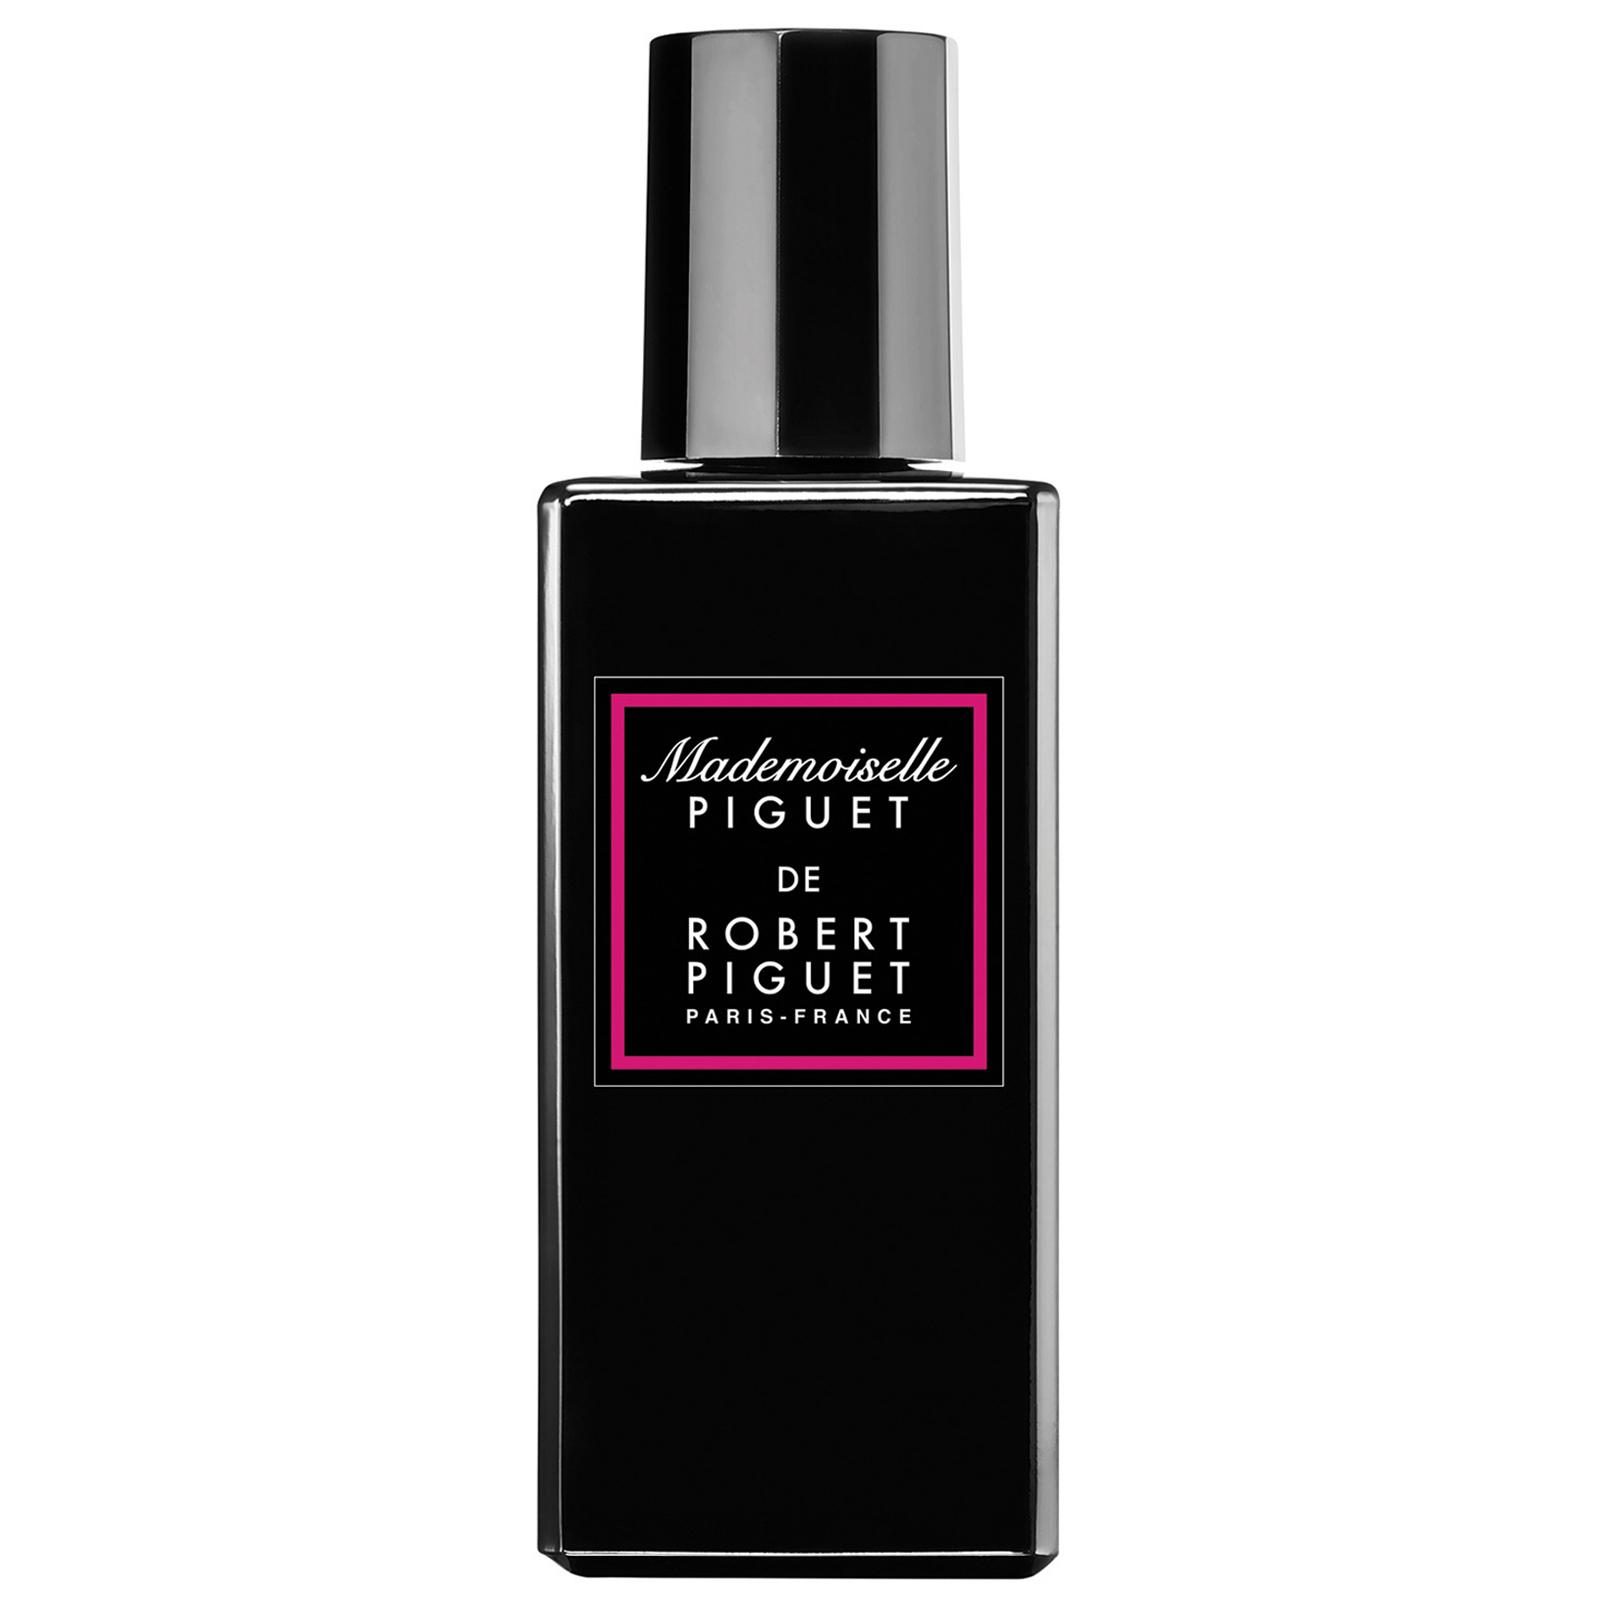 Mademoiselle piguet perfume eau de parfum 100 ml